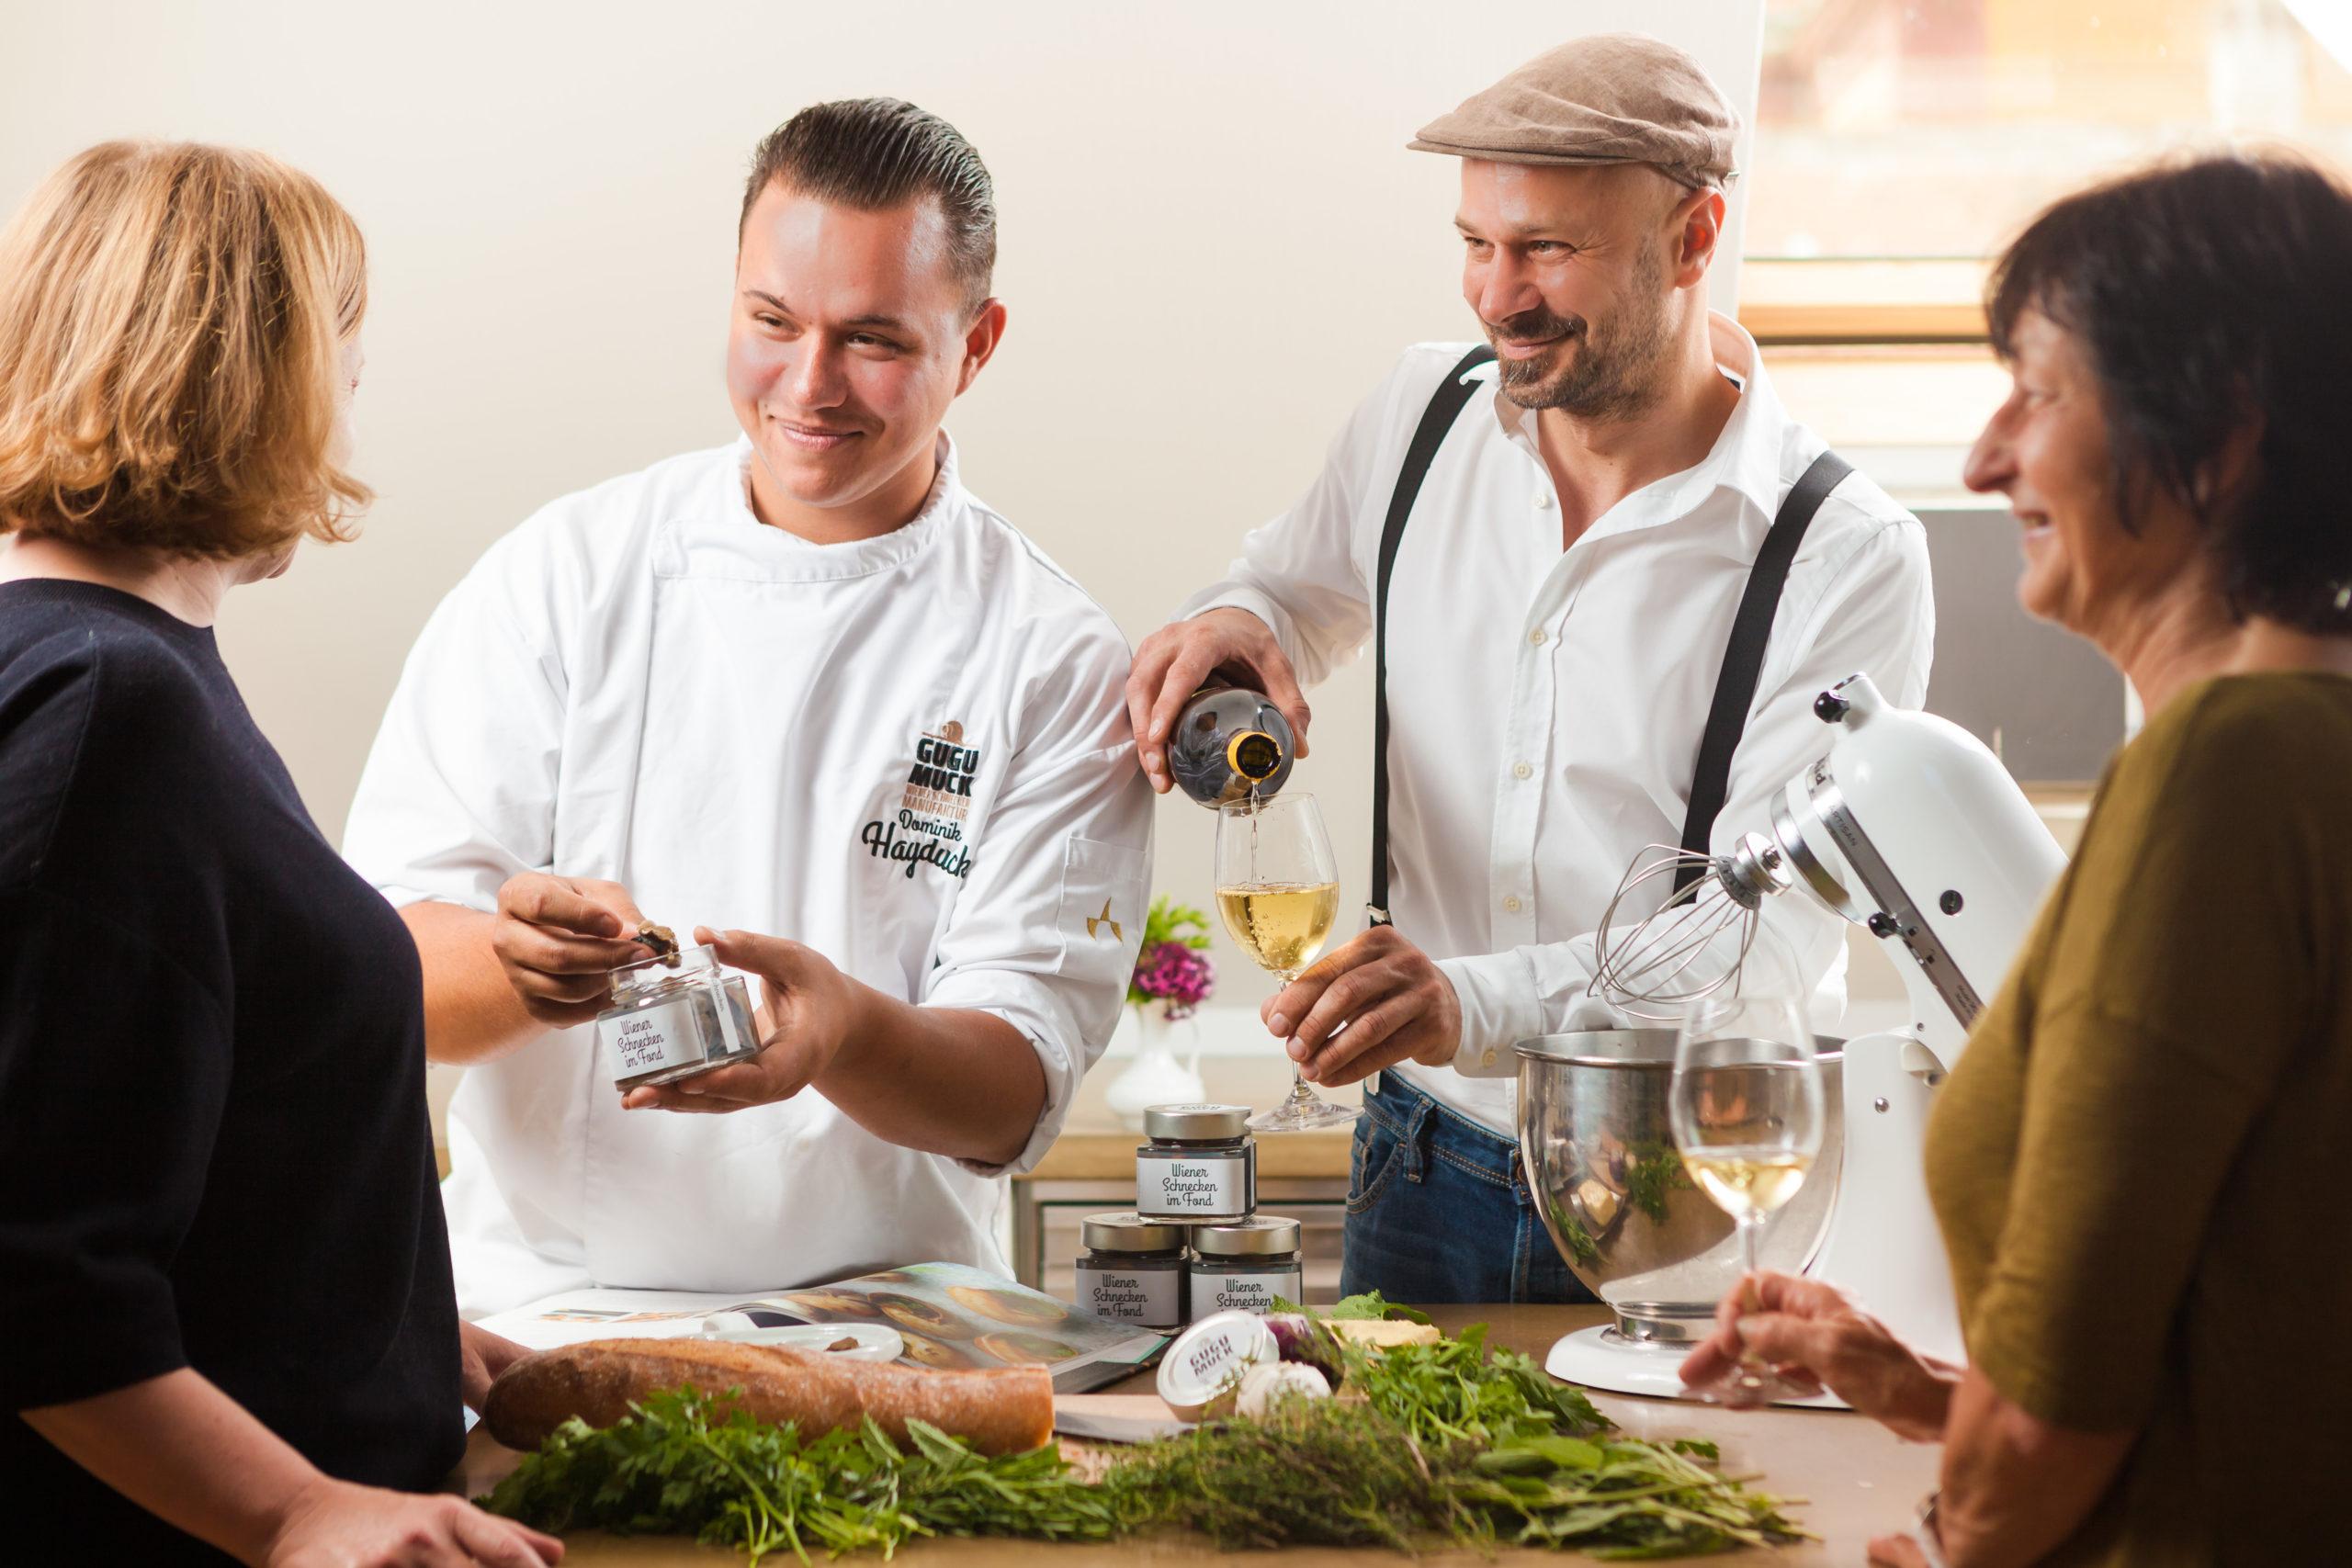 Schneckenkochkurs mit Andreas Gugumuck und Dominik Hayduck am Hof der Wiener Schnecken-Manufaktur, Sammeln Sie Kocherfahrung mit einem Spitzenkoch. Er gibt Tipps für Schneckenkompositionen für deine Veranstaltung.